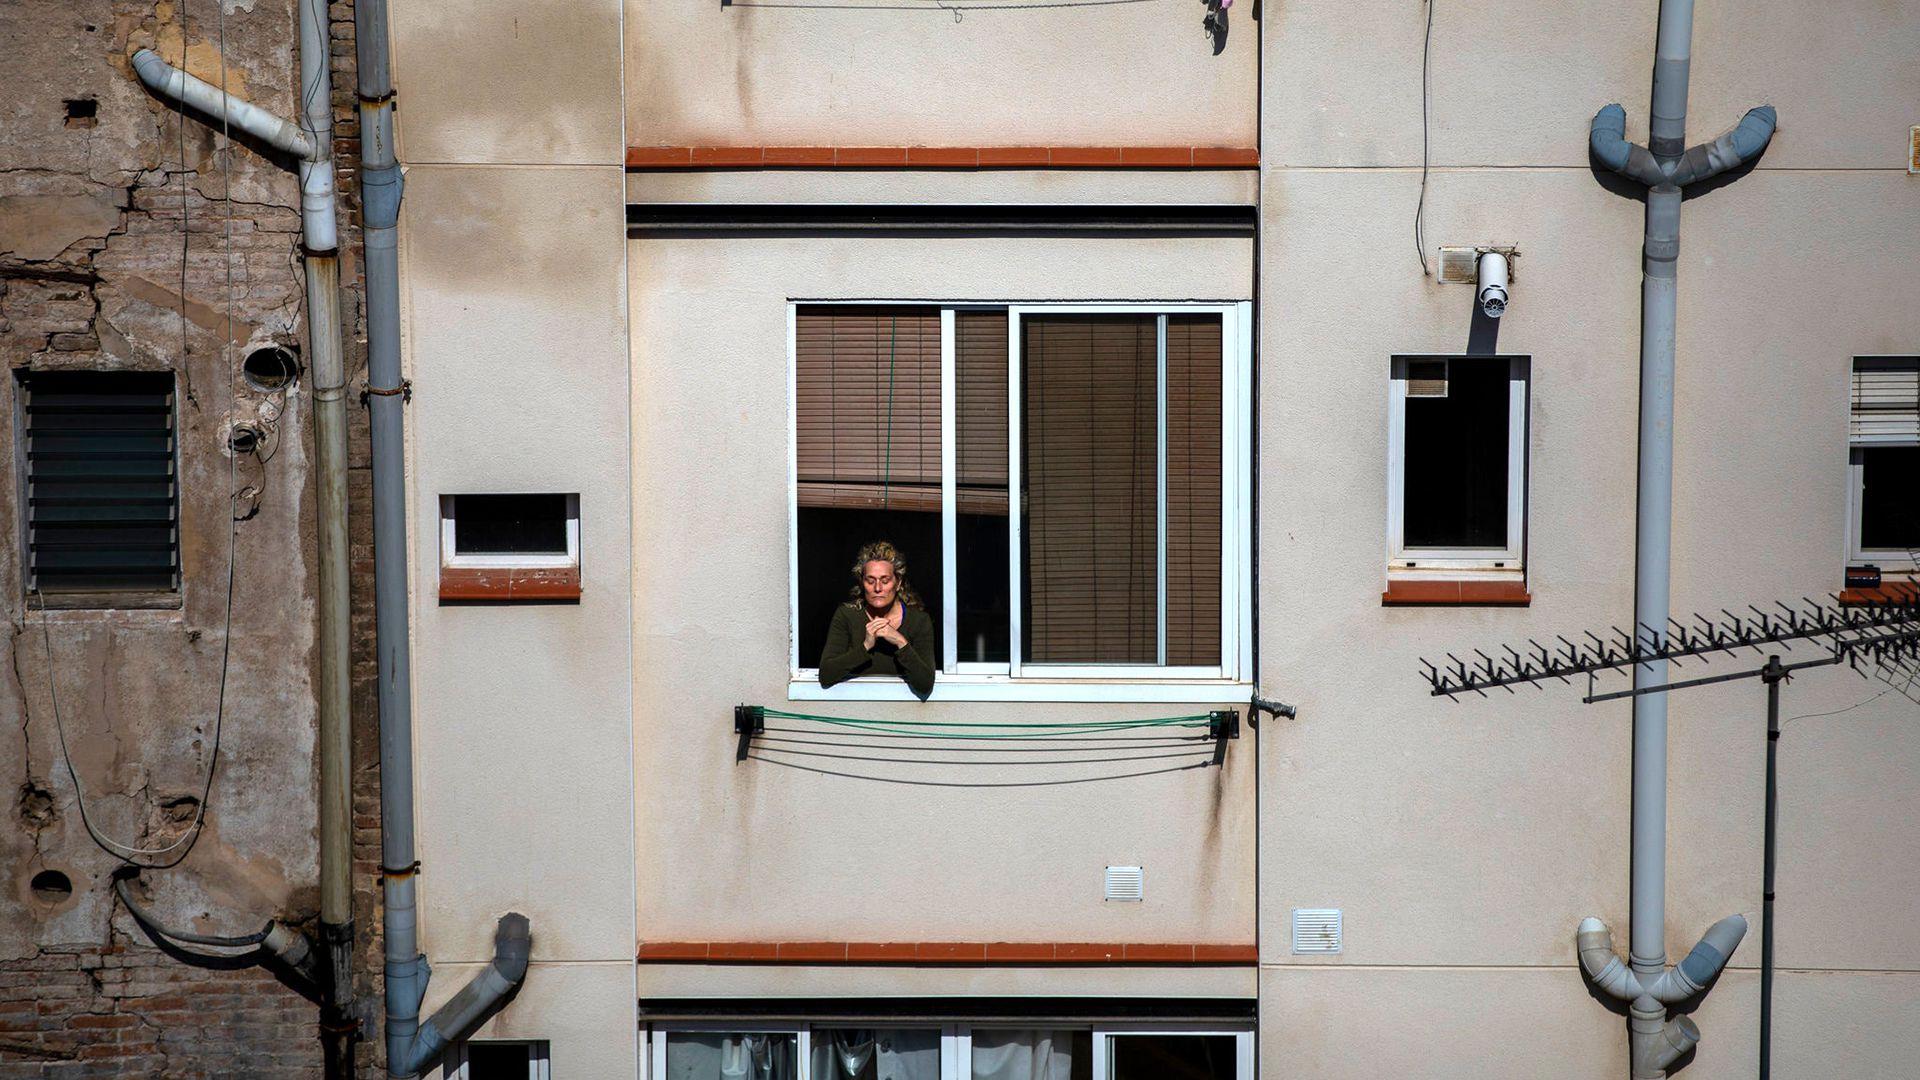 Una mujer se asoma por su ventana durante el confinamiento por el coronavirus, en Barcelona. Emilio Morenatti/Associated Press